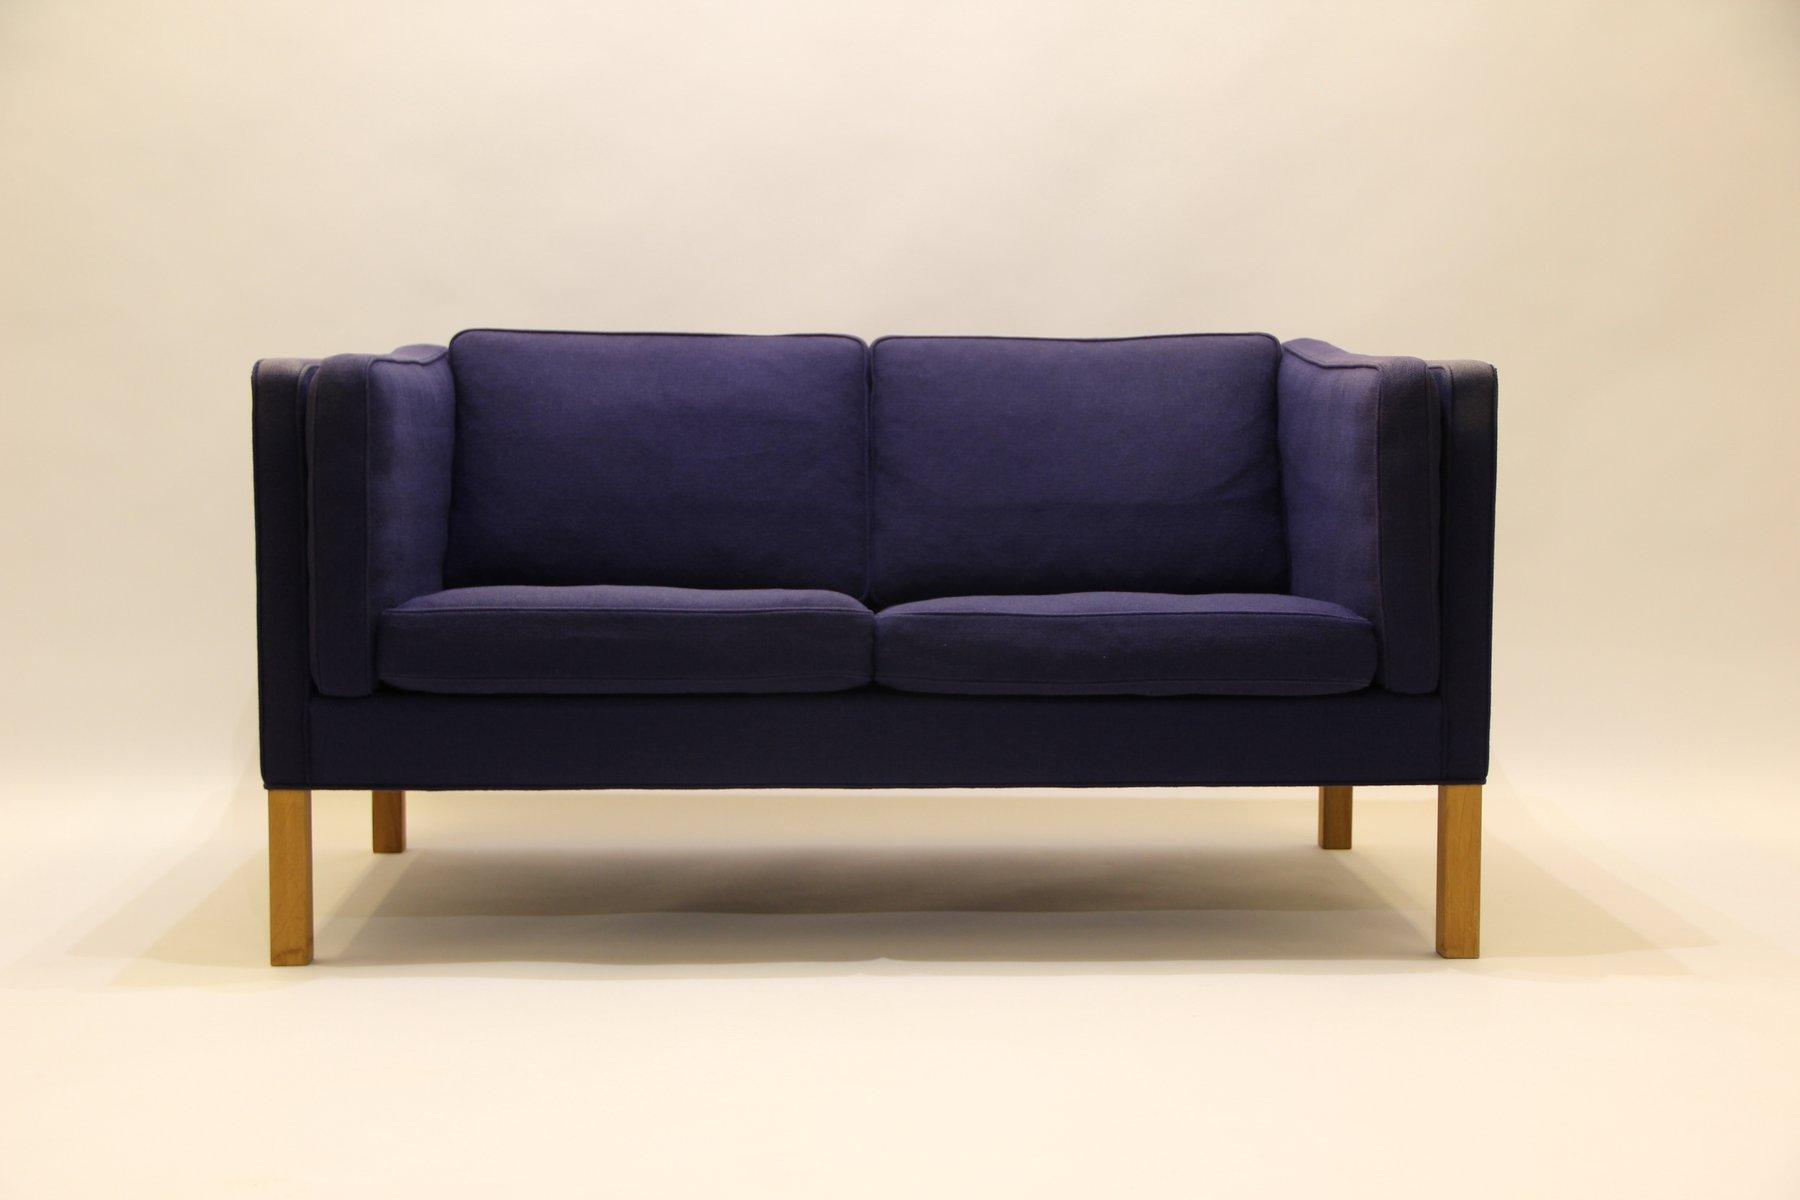 Vintage Model 2332 Sofa By Børge Mogensen For Fredericia